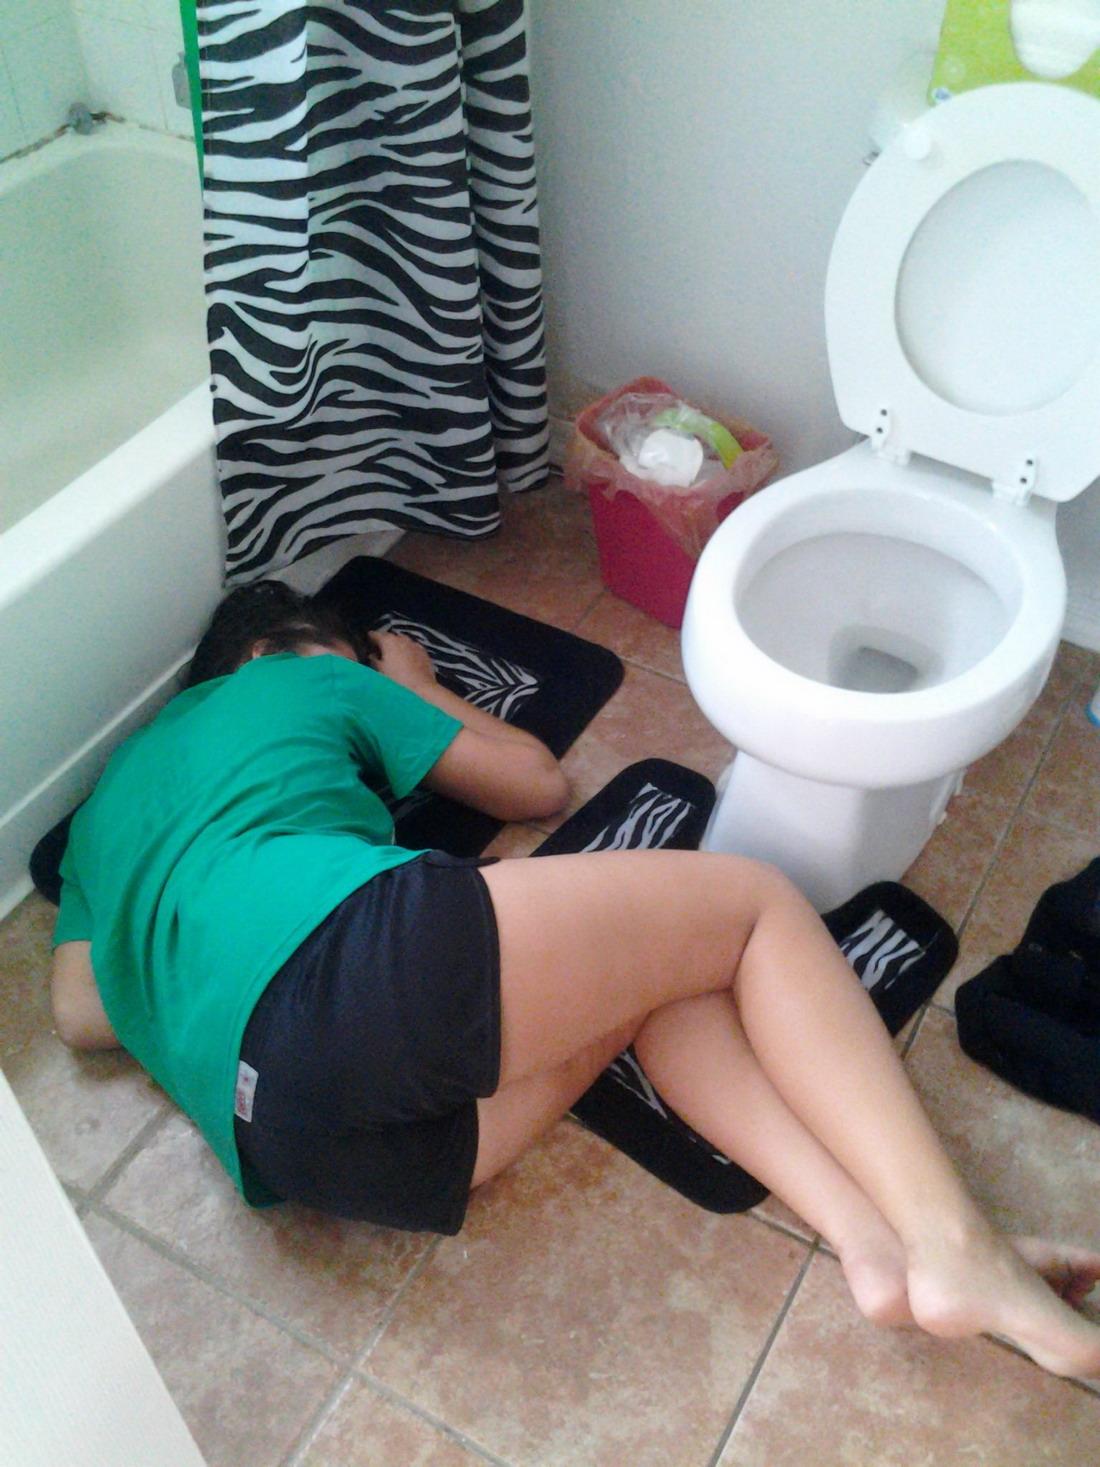 Смотреть фото пьяных спящих девушек